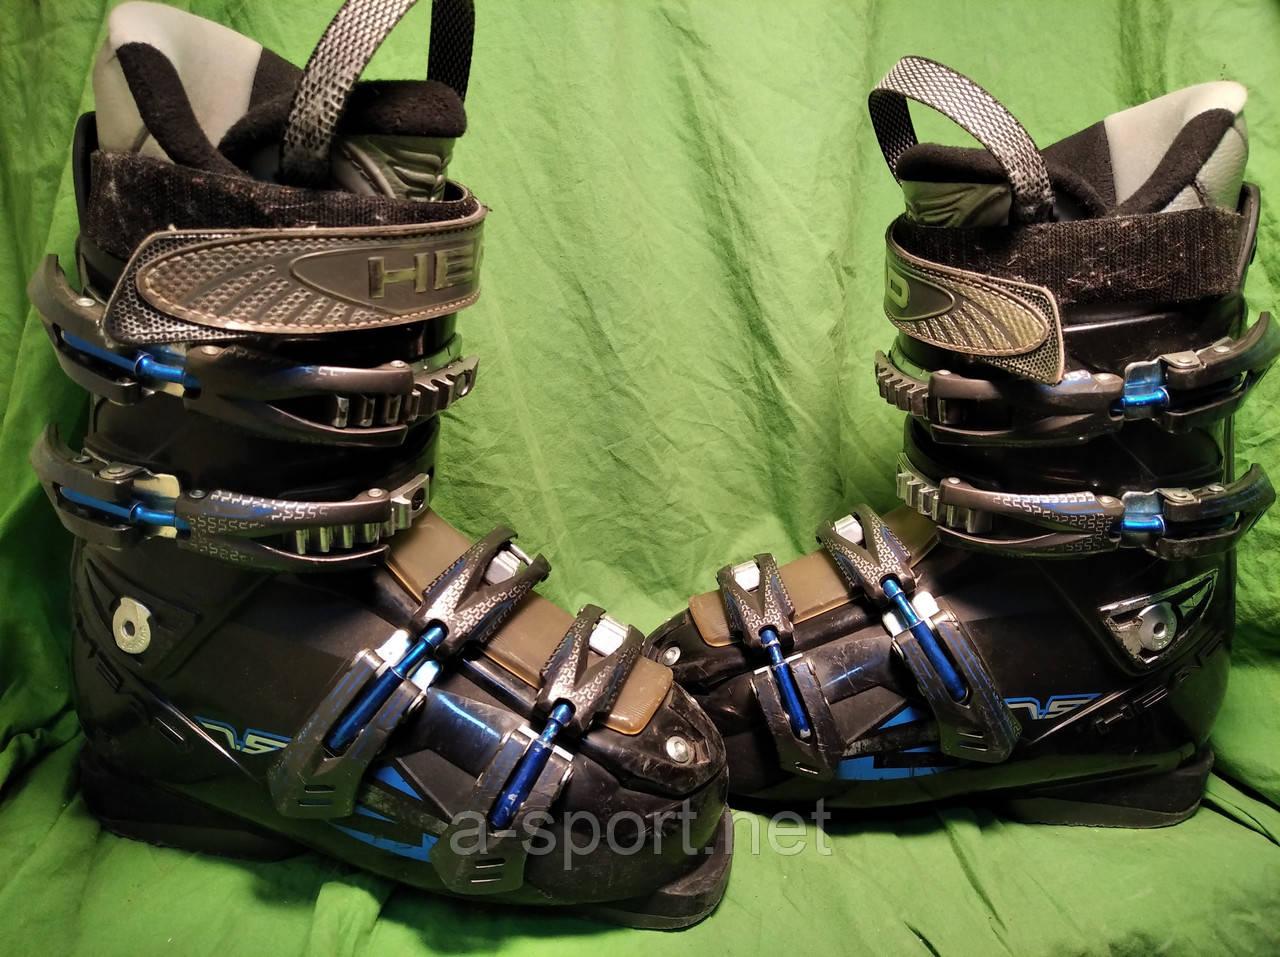 Гірськолижні черевики Head edge  23.5 см